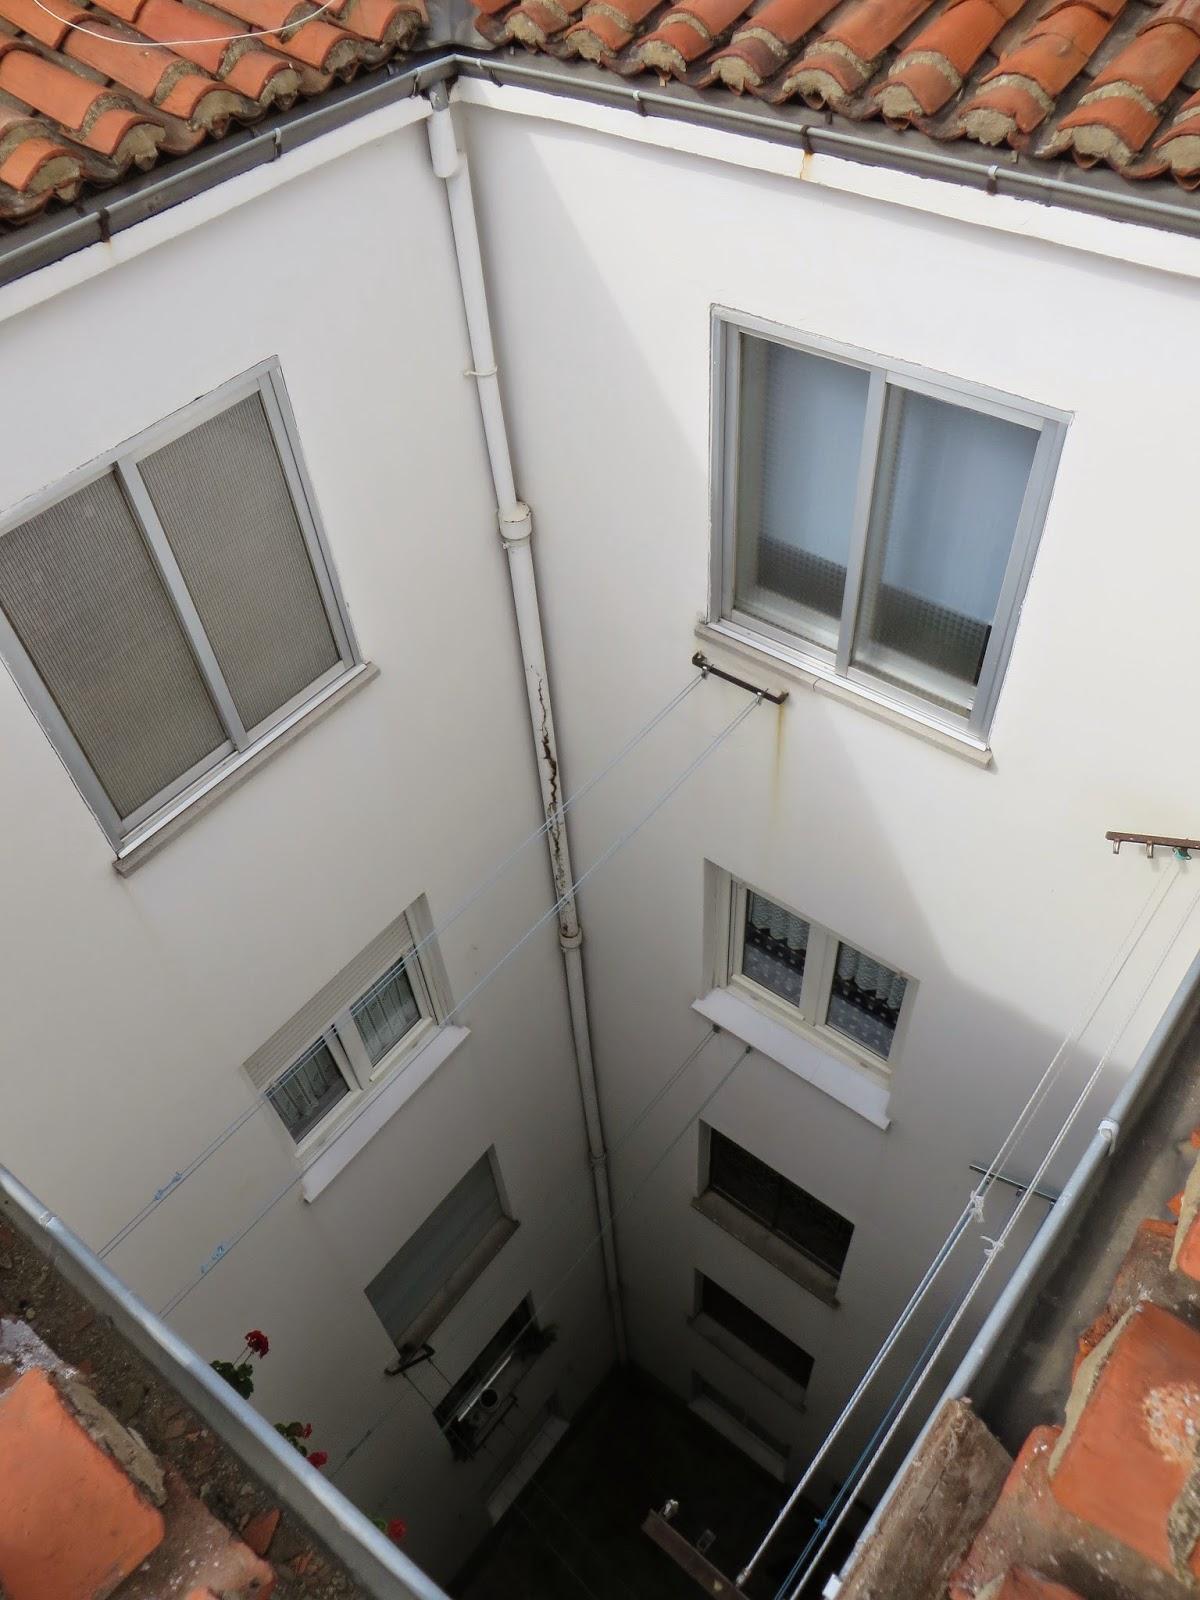 Servicios en León, soluciones,limpieza de canalones,reparciones de tejados y reformas.    Arreglo de goteras presupuestos sin compromiso.tlf 618848709 wasap y 987846623.En León.